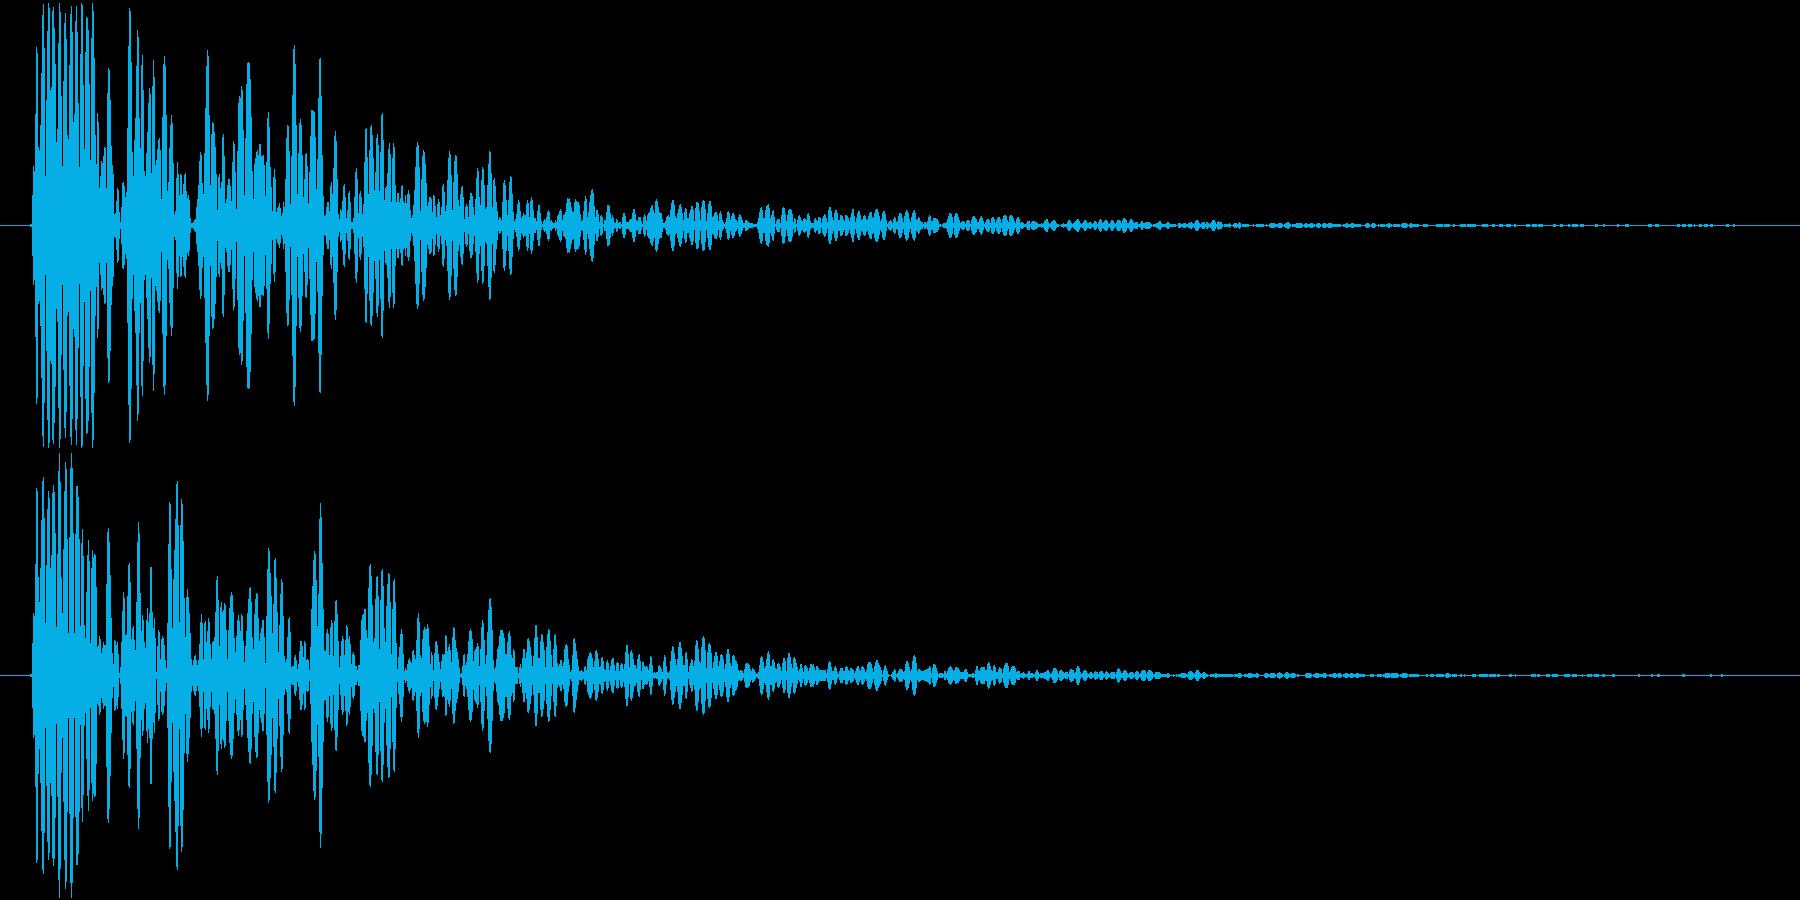 Knife 三徳包丁 トン 単発 1の再生済みの波形